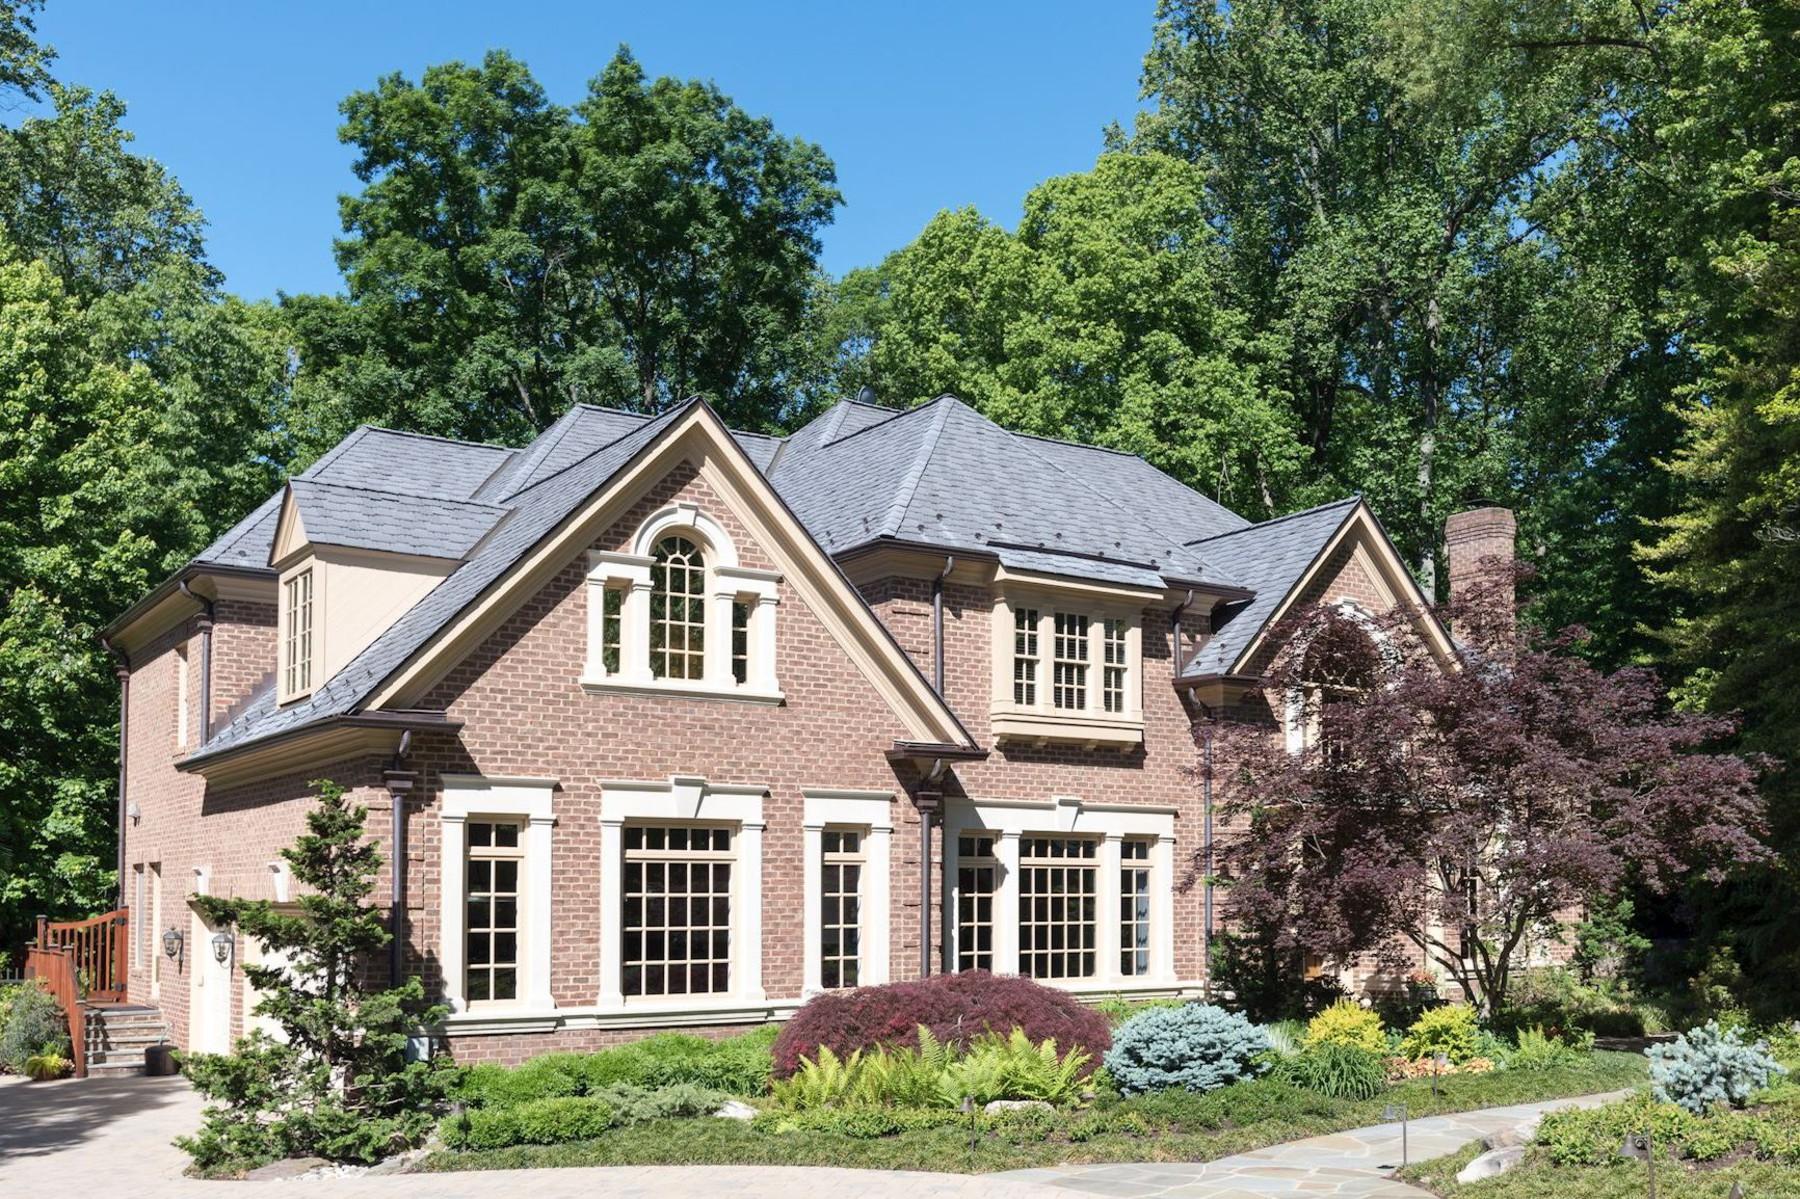 단독 가정 주택 용 매매 에 Woodlea Mill Fallswood Model 1156 Orlo Dr McLean, 버지니아, 22102 미국